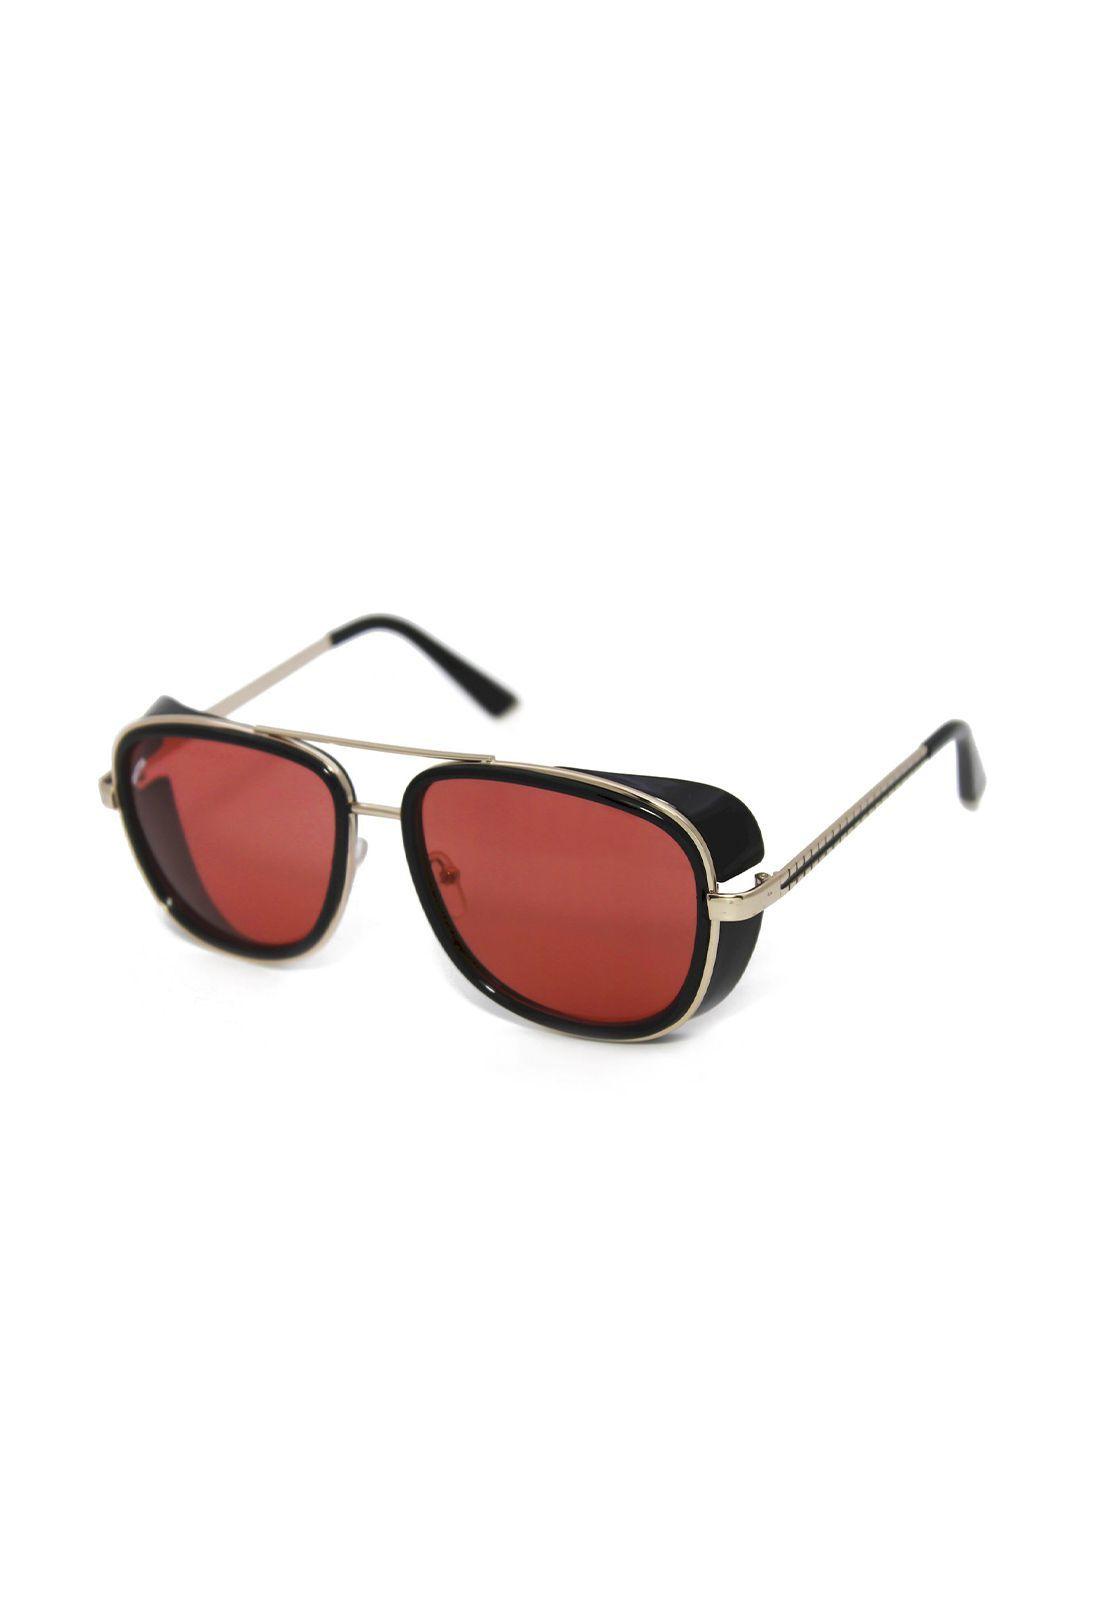 Óculos de Sol Grungetteria Pablito Vermelho